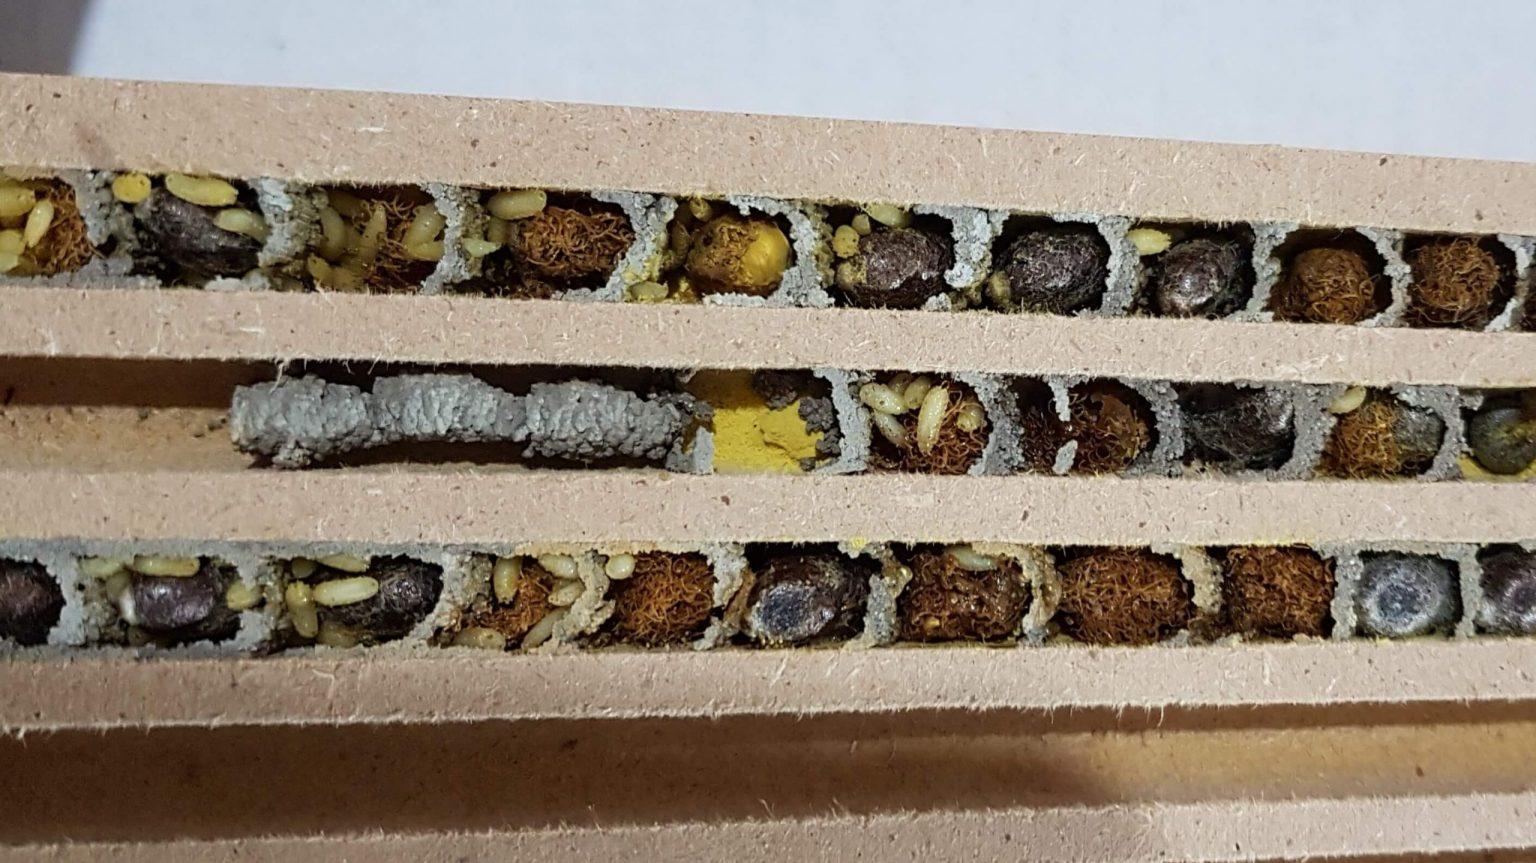 Brutzellen der Mauerbienen parasitiert mit Taufliegenmaden